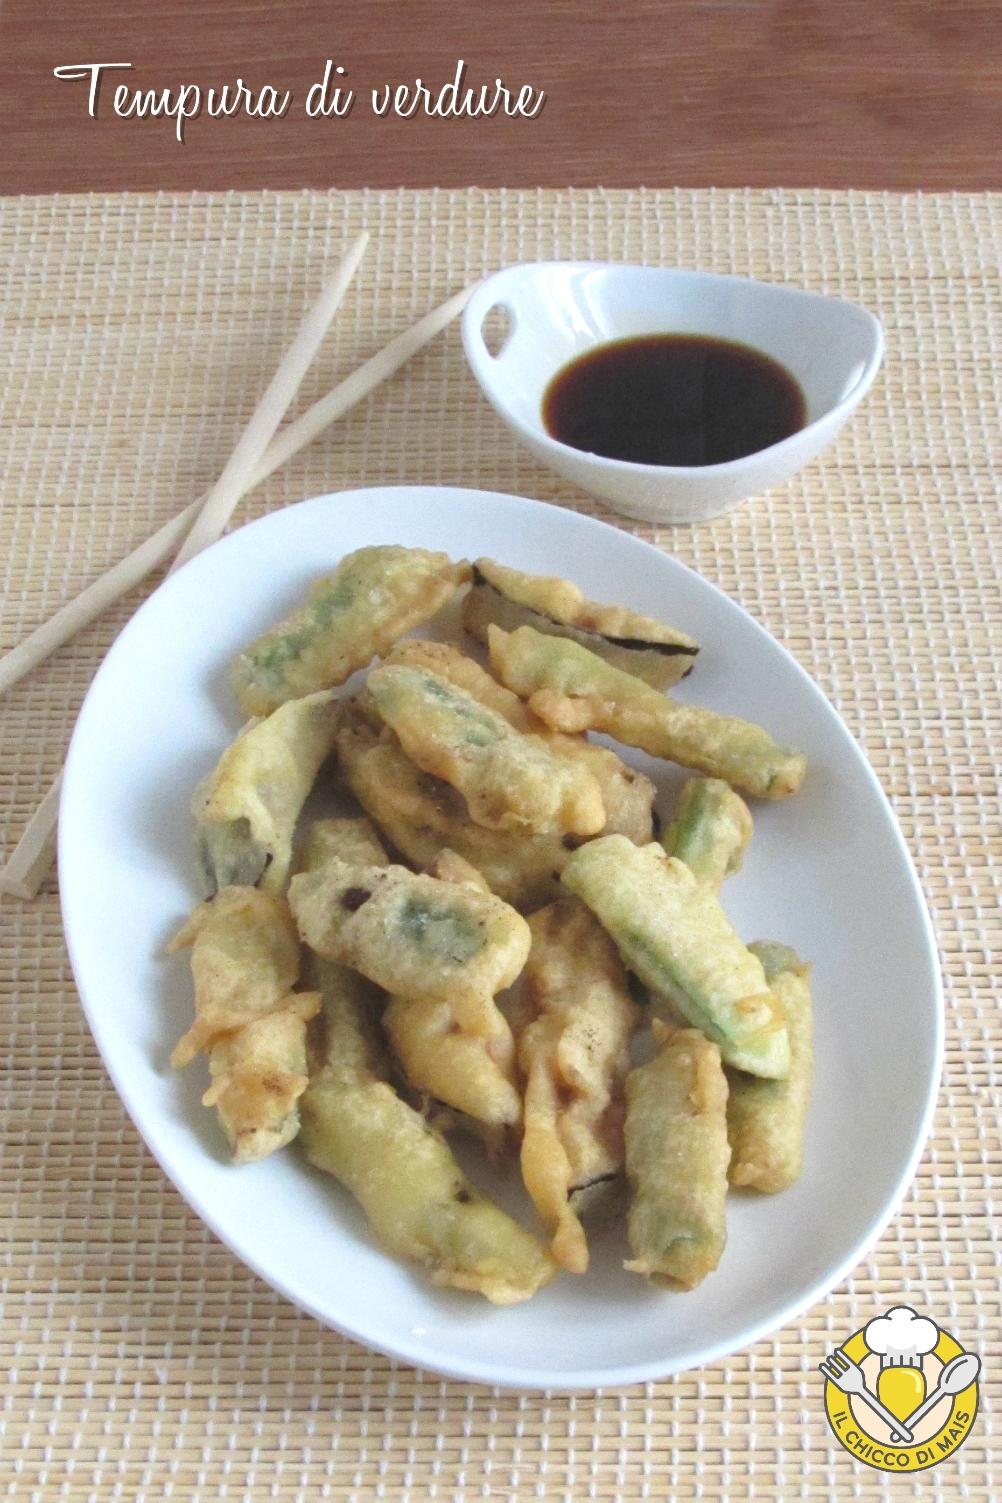 v_ tempura di verdure con farina di riso ricetta verdure in pastella giapponese croccanti asciutte il chicco di mais